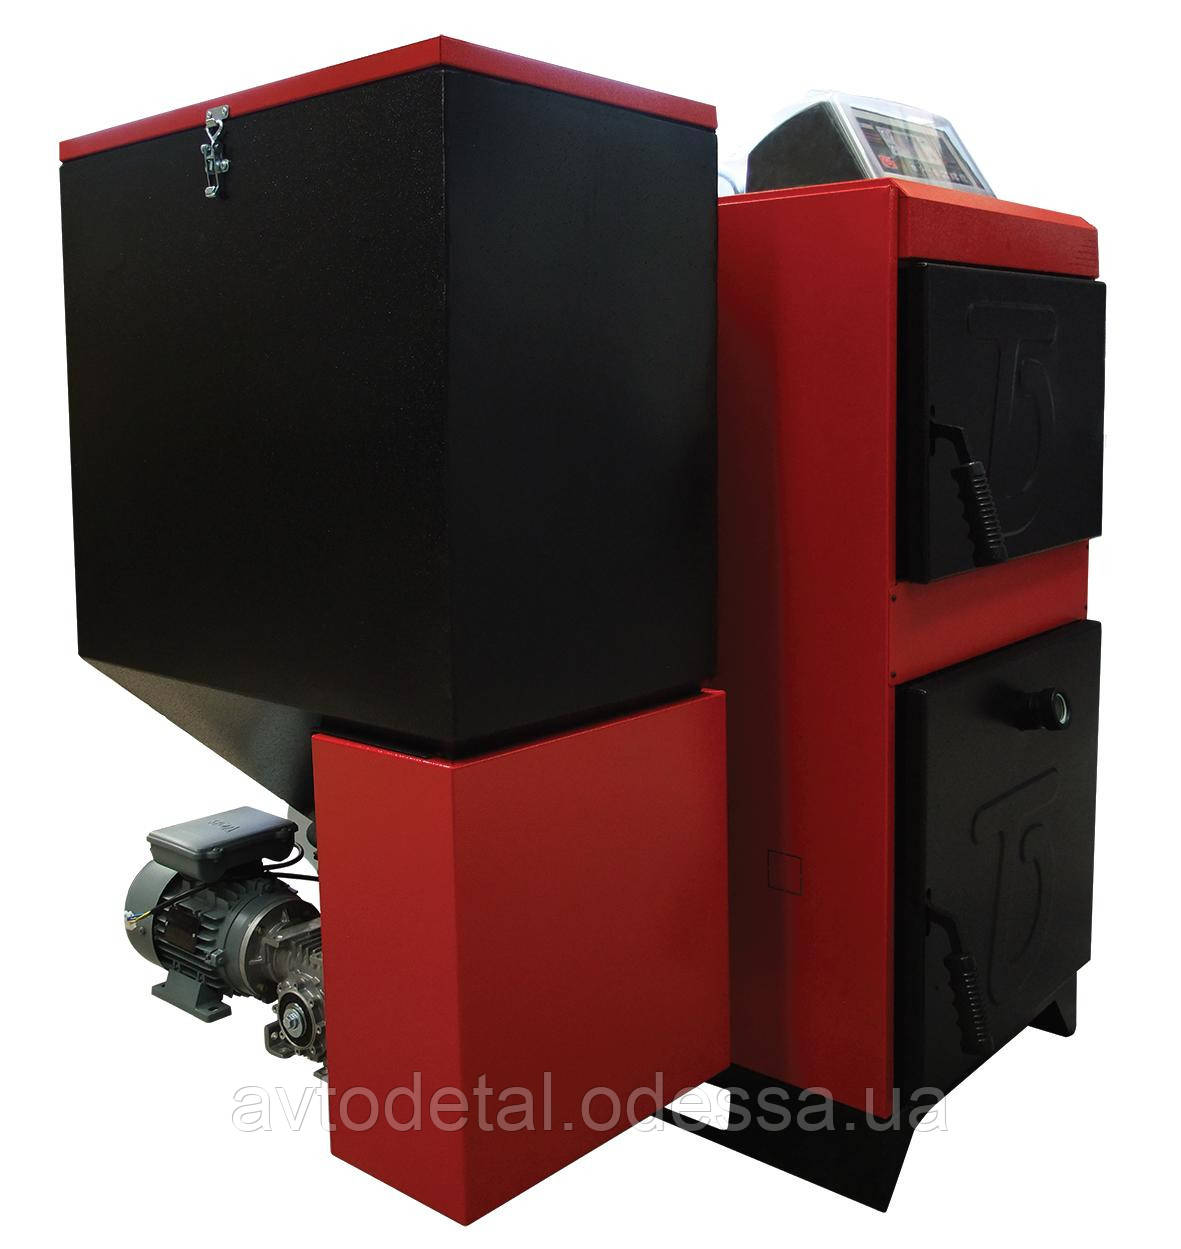 Твердотопливный котлел  Termodinamik EKY/S80 кВт